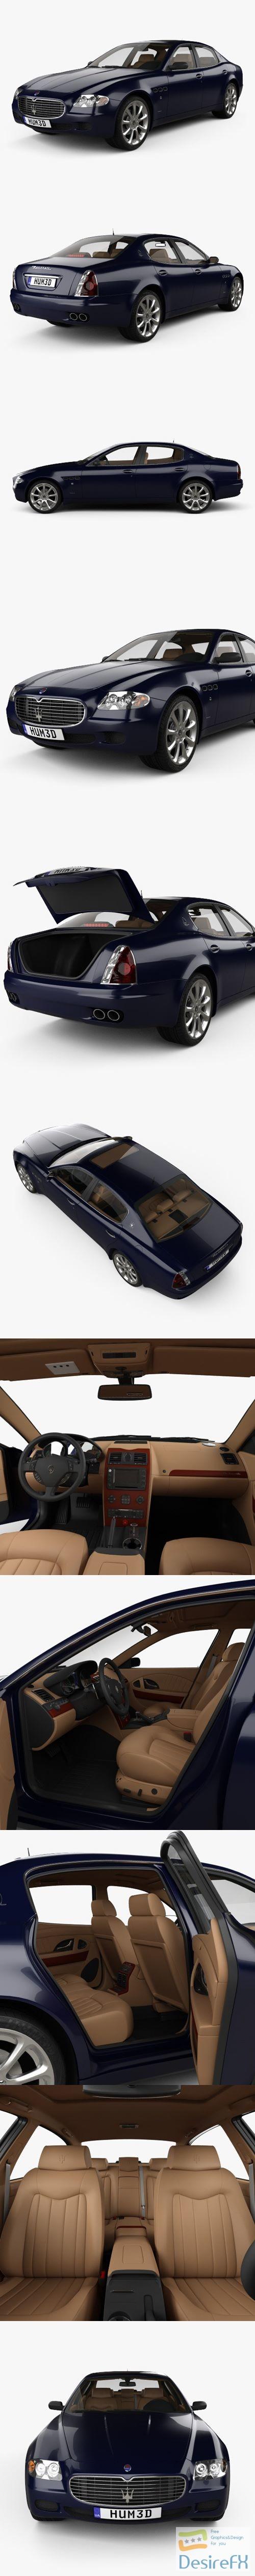 3d-models - Maserati Quattroporte with HQ interior 2004 3D Model